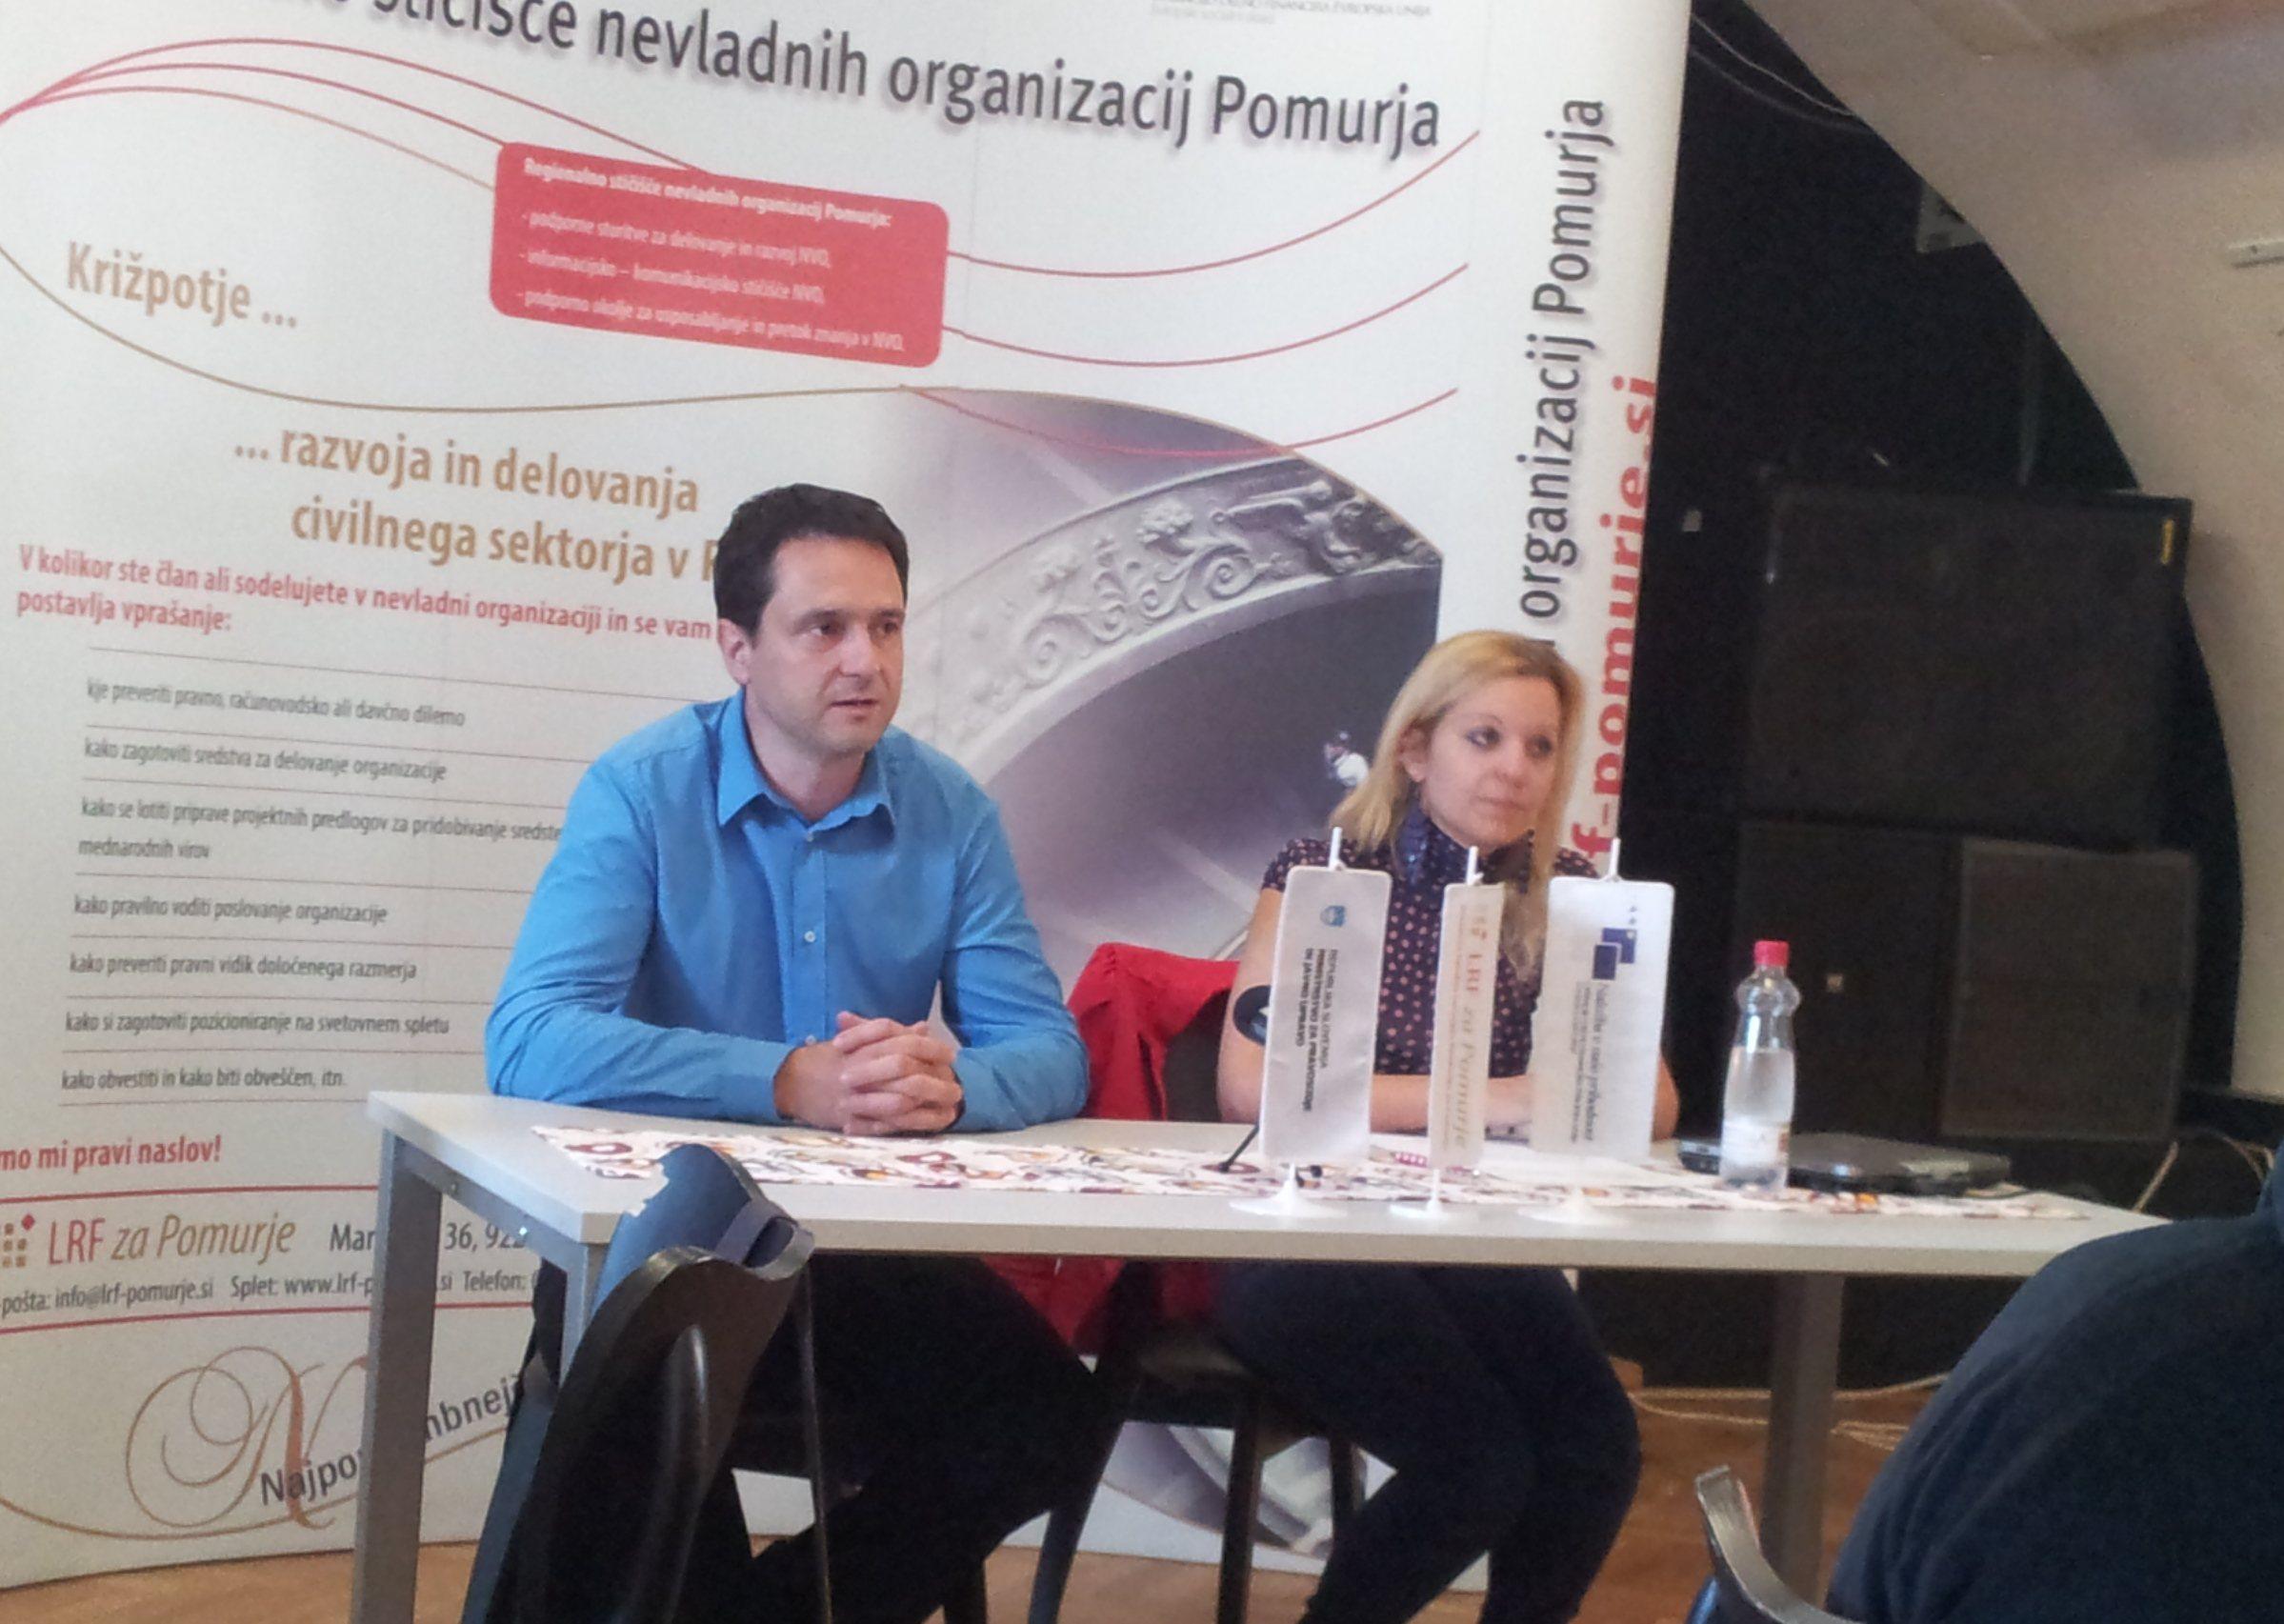 O akciji »Vsak dan novinar – en dan nevladnik« sta najprej spregovorila Bojan Vogrinčič, direktor LRF za Pomurje, in Matejka Horvat